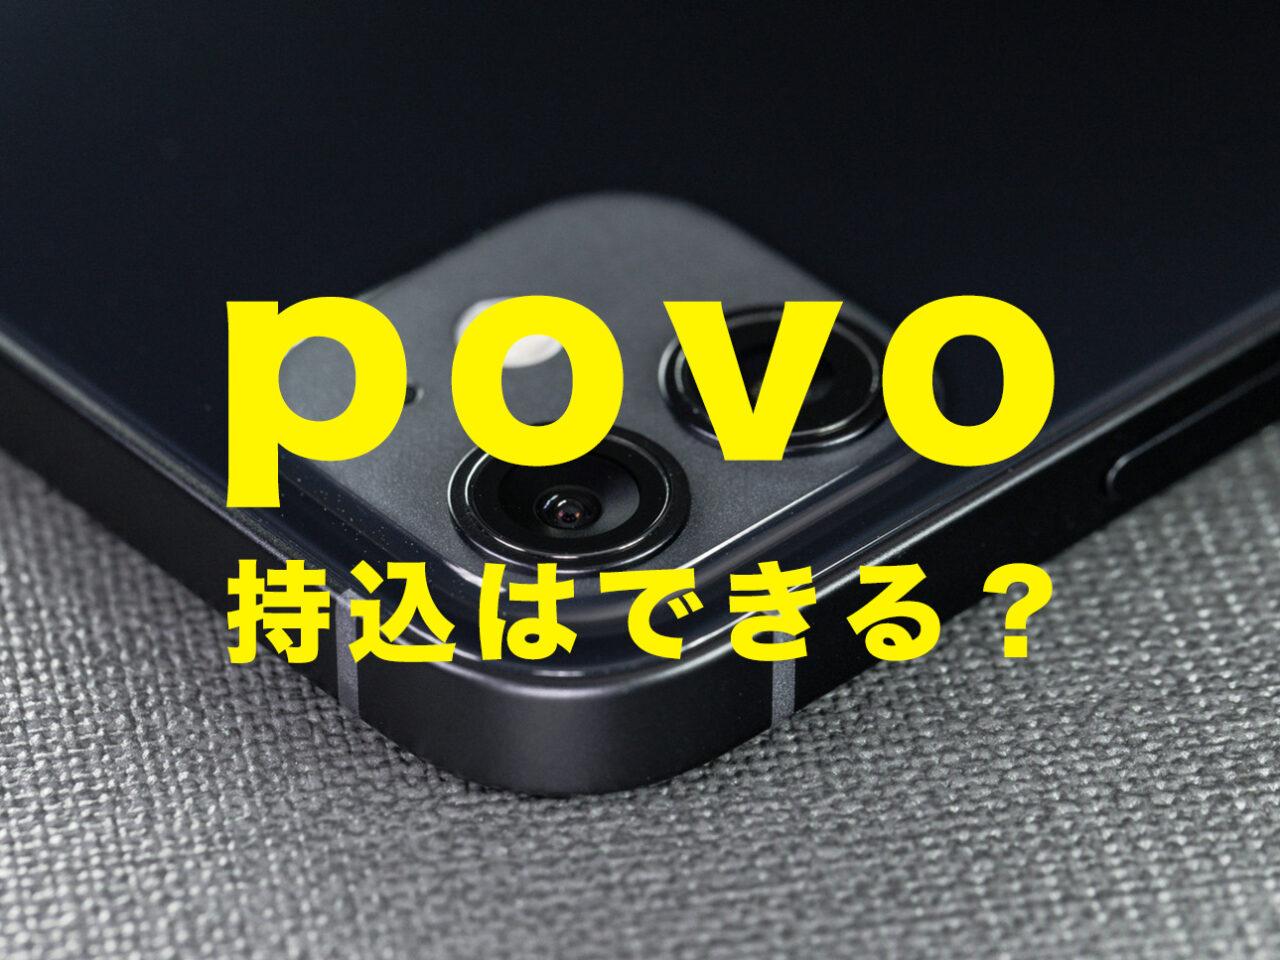 povo(ポヴォ)で持ち込みはできる?他社端末や機種を持ち込んで利用できる?のサムネイル画像